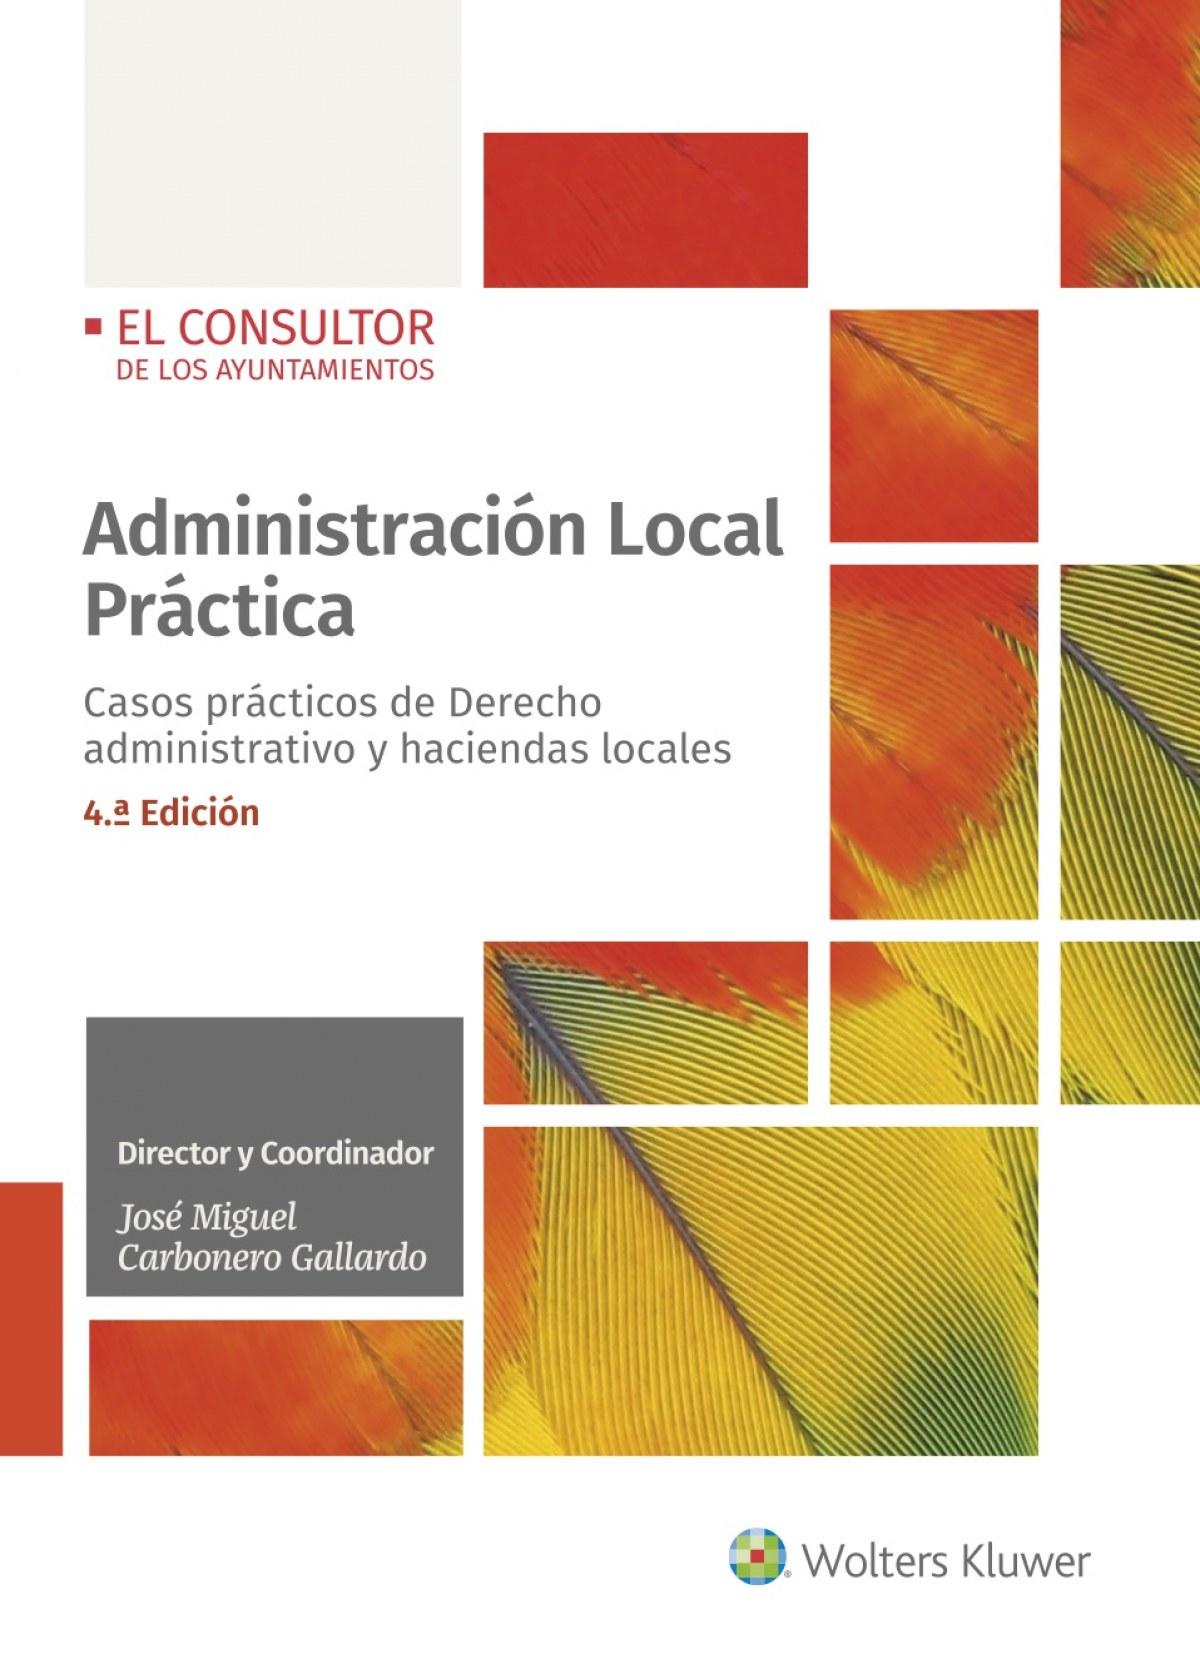 Administración Local Práctica (4ª edición)